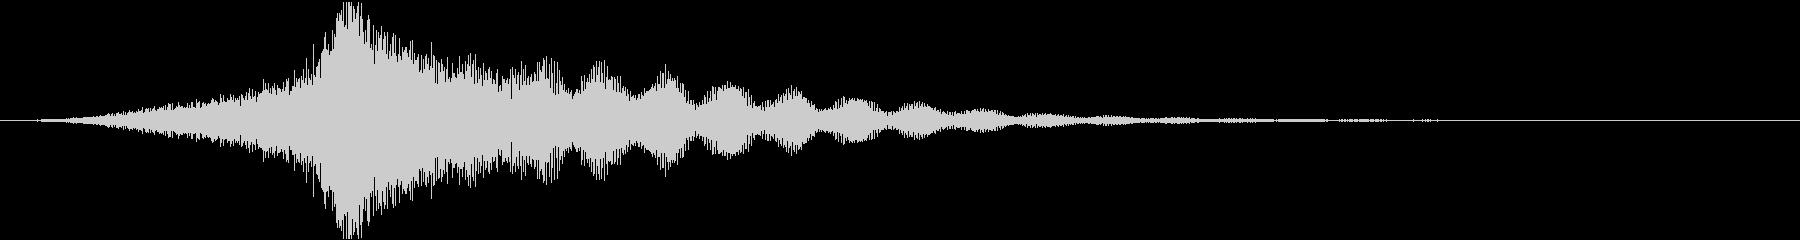 スティンガー;ベル・ヒットのハイ・...の未再生の波形